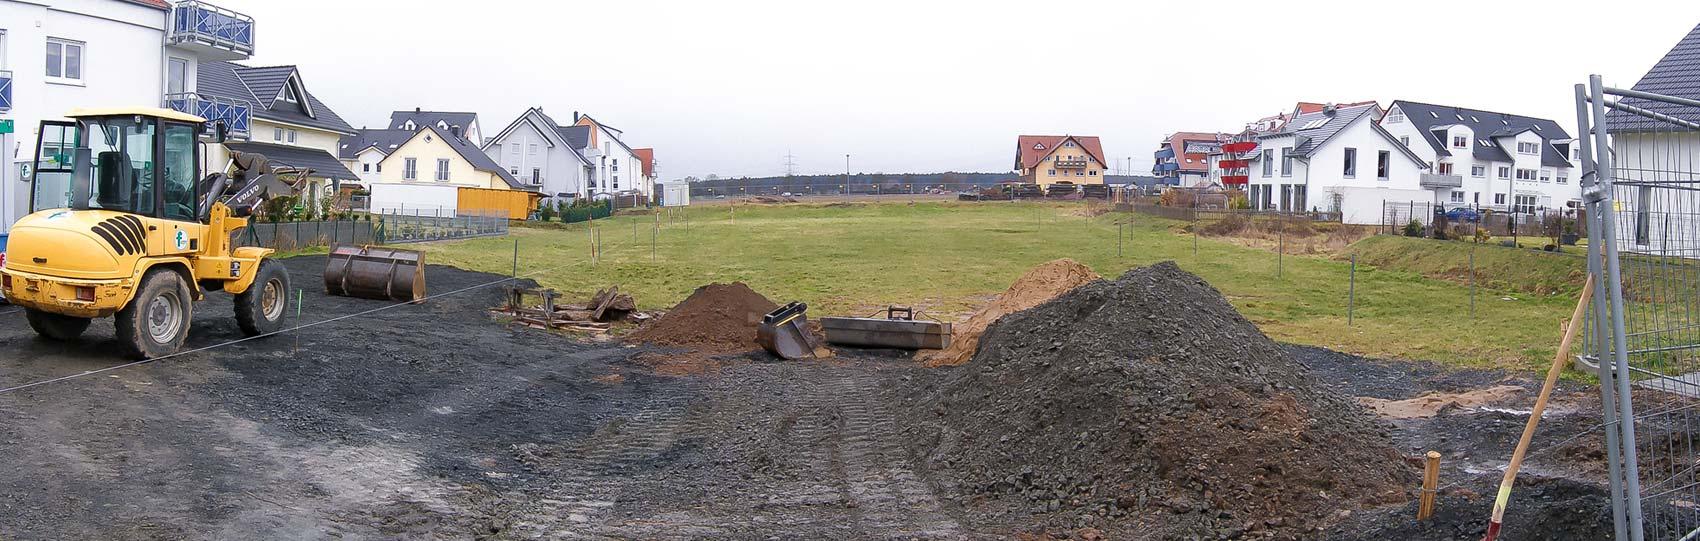 Panorama Februar 2010